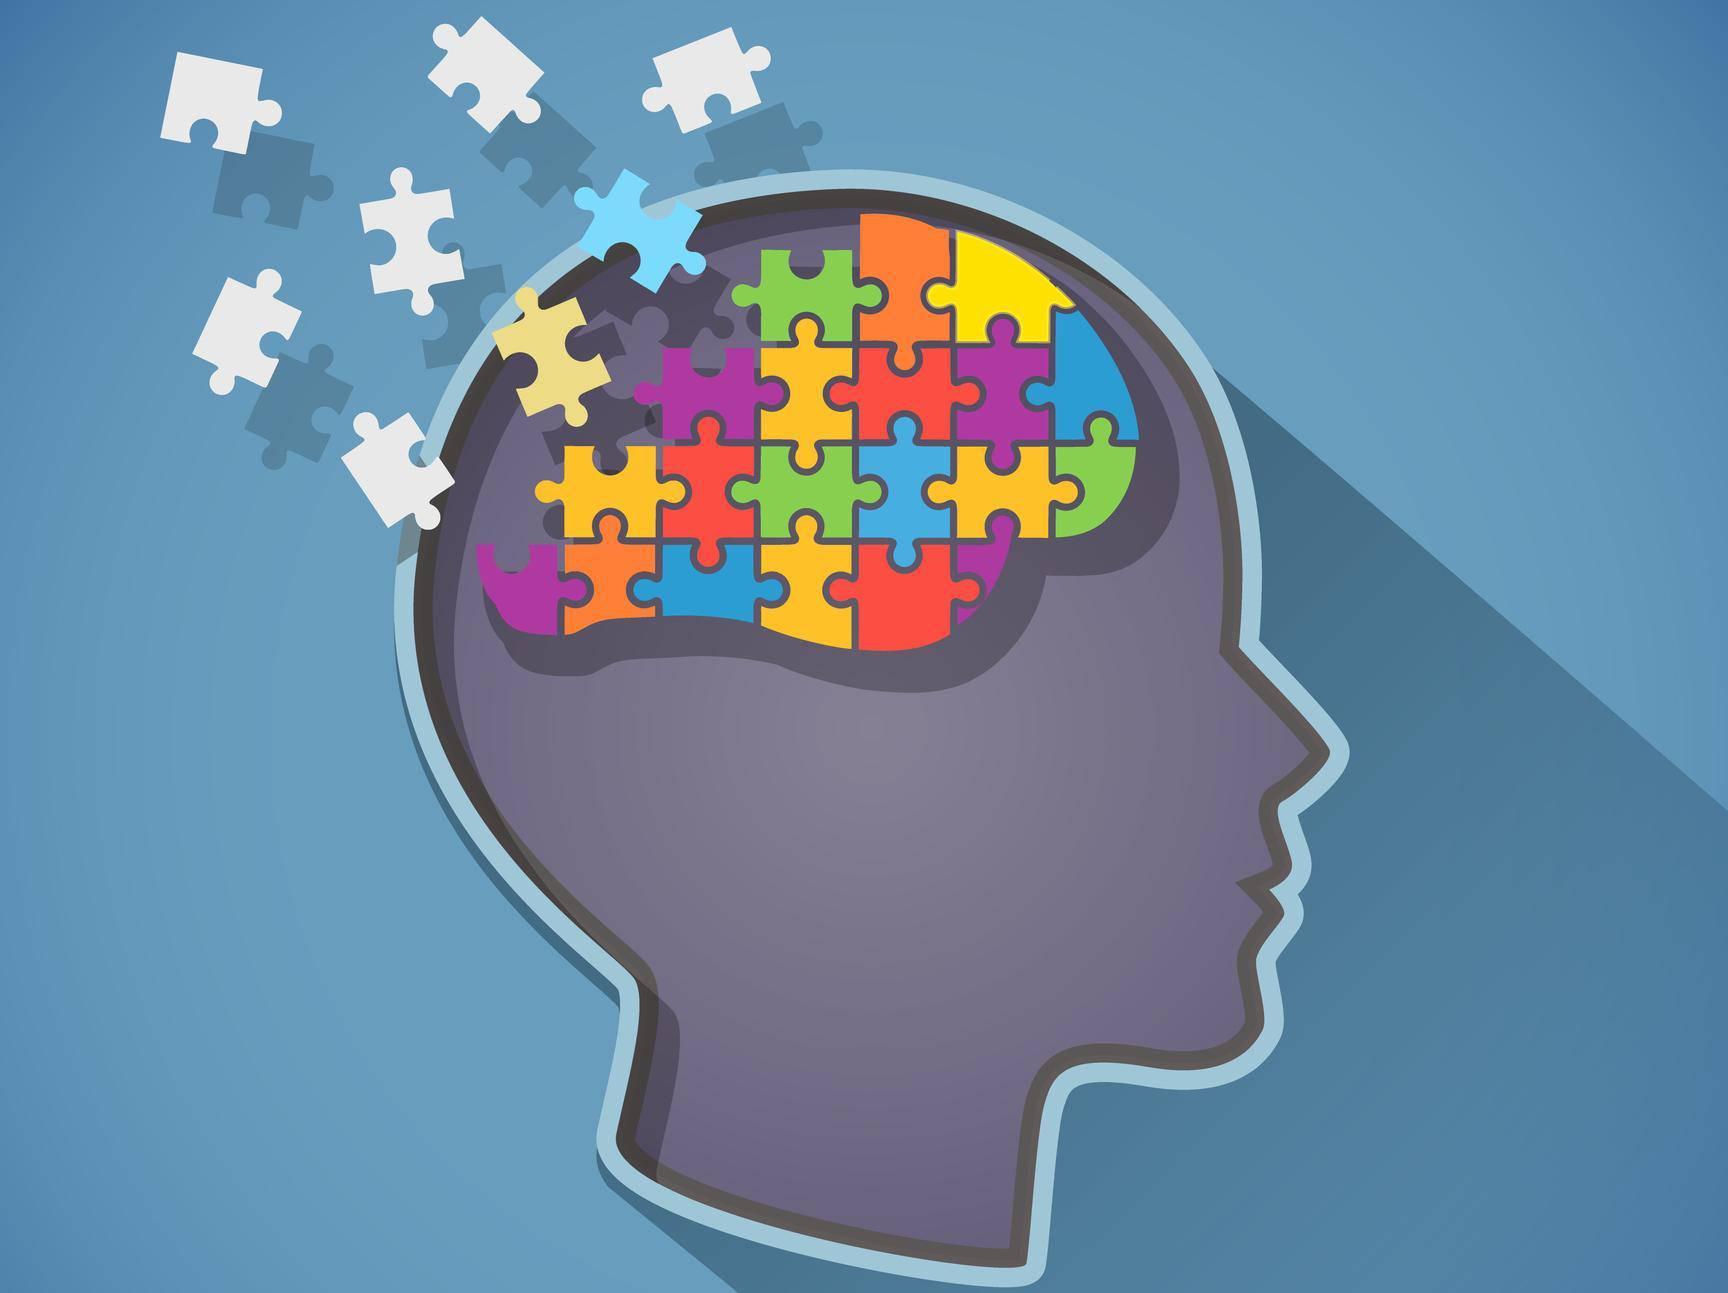 Demencija se u gotovo 40 posto slučajeva mogla izbjeći/smanjiti